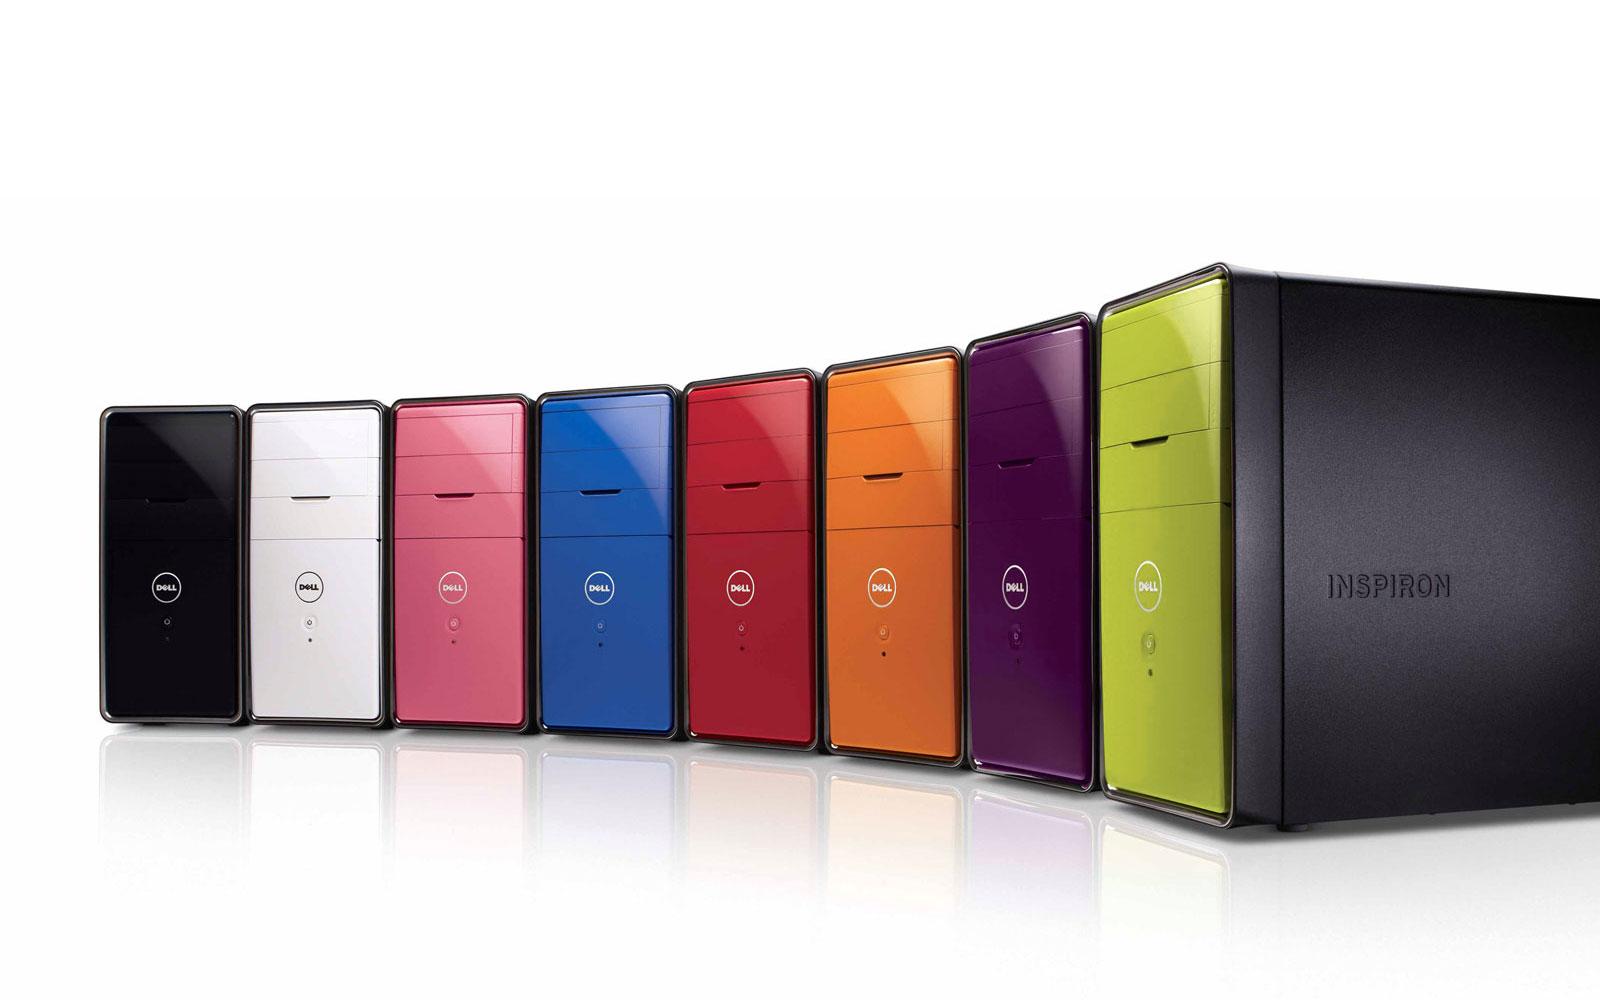 DELL INSPIRON 500 - Desktop Computer Family